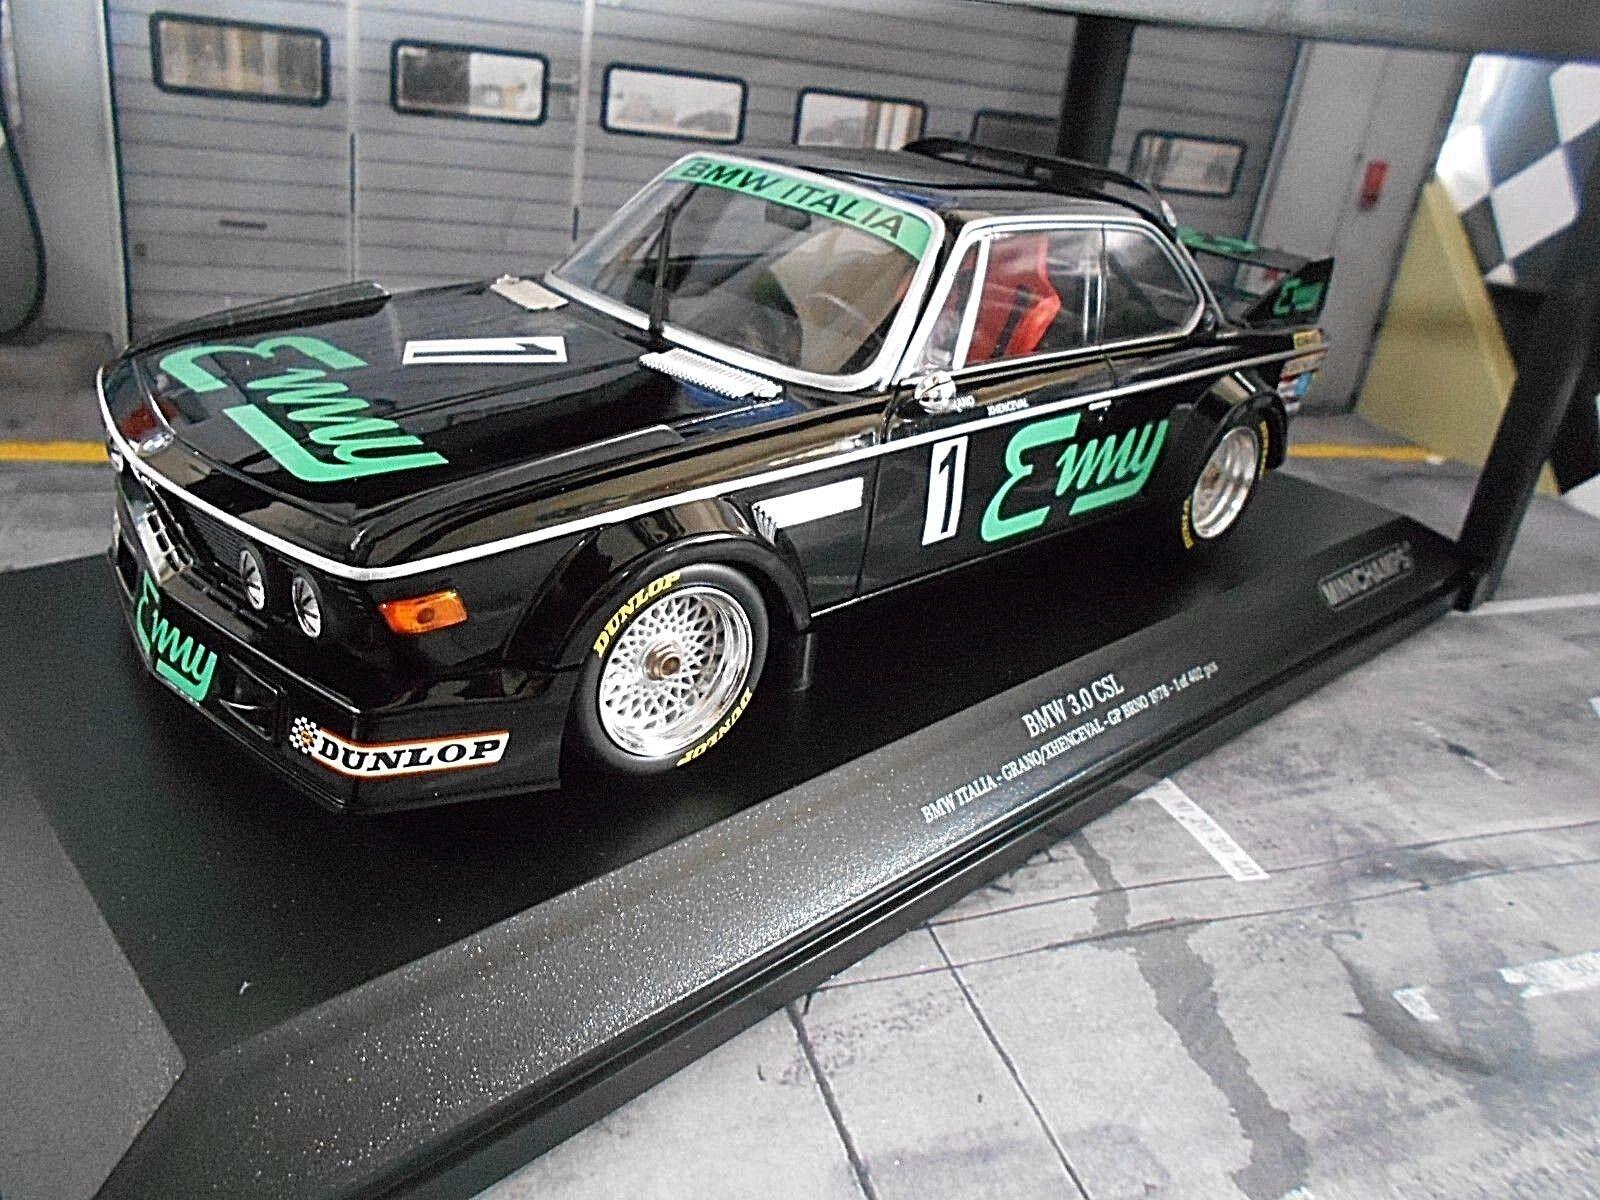 grandes ahorros Bmw Bmw Bmw 3.0 CSL talla 2 Luigi racing  1 Enny italia misit Brno 1978 win Minichamps 1 18  colores increíbles